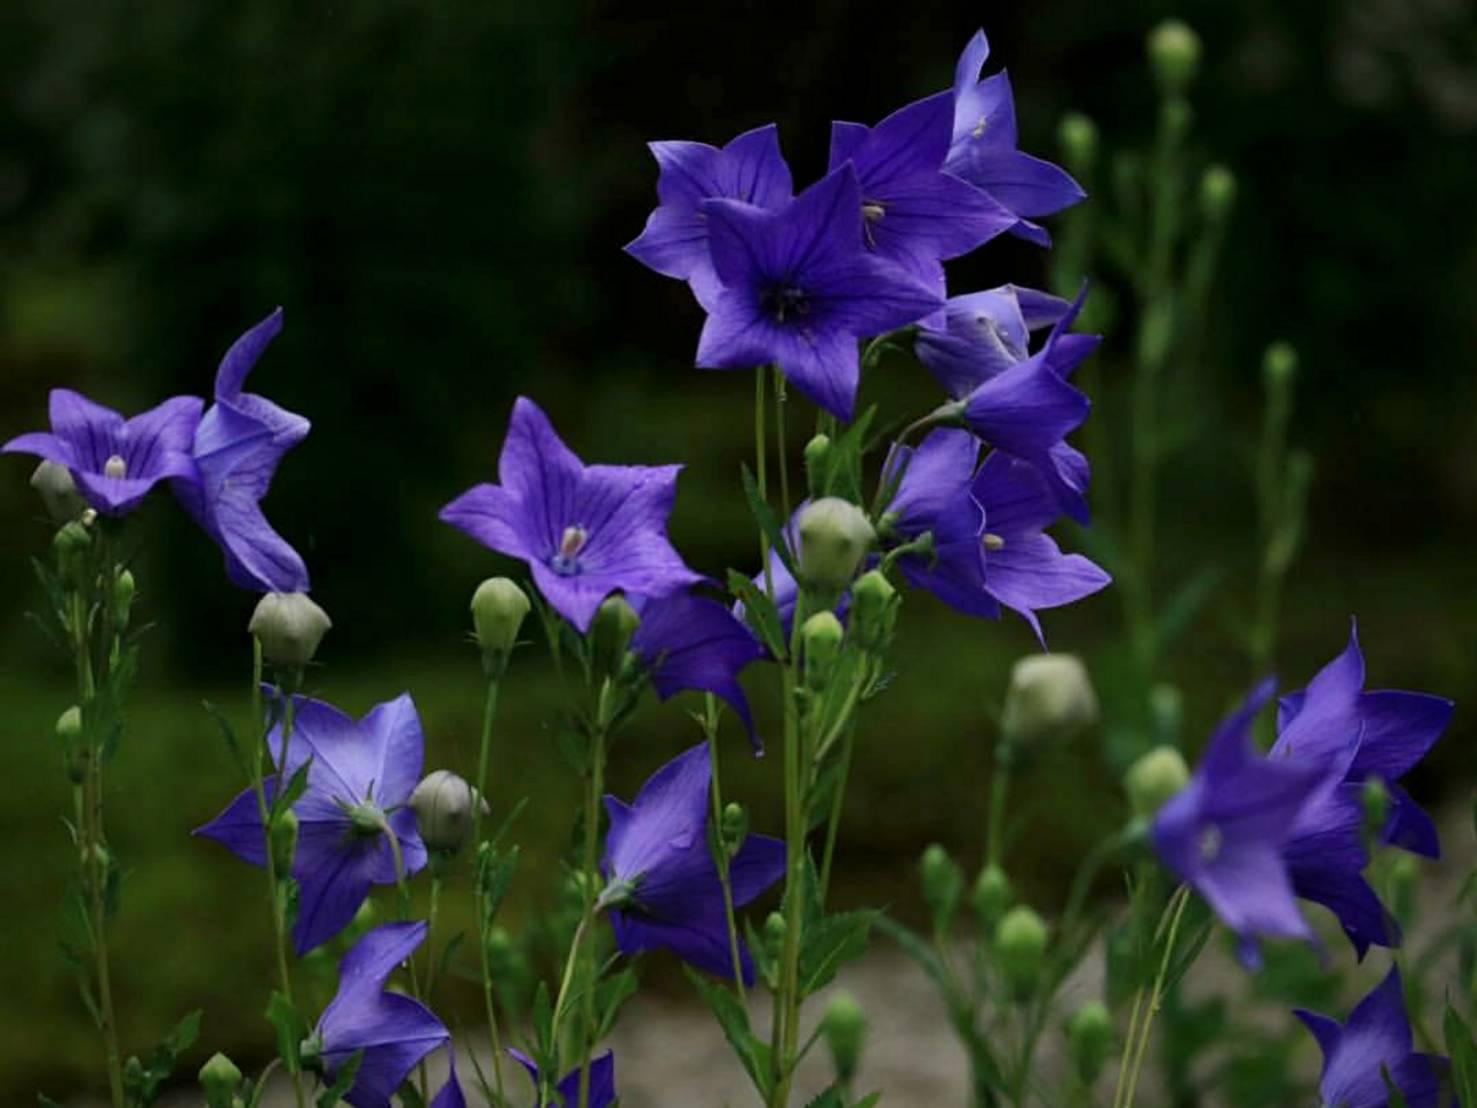 Fully blooming Bellflowers